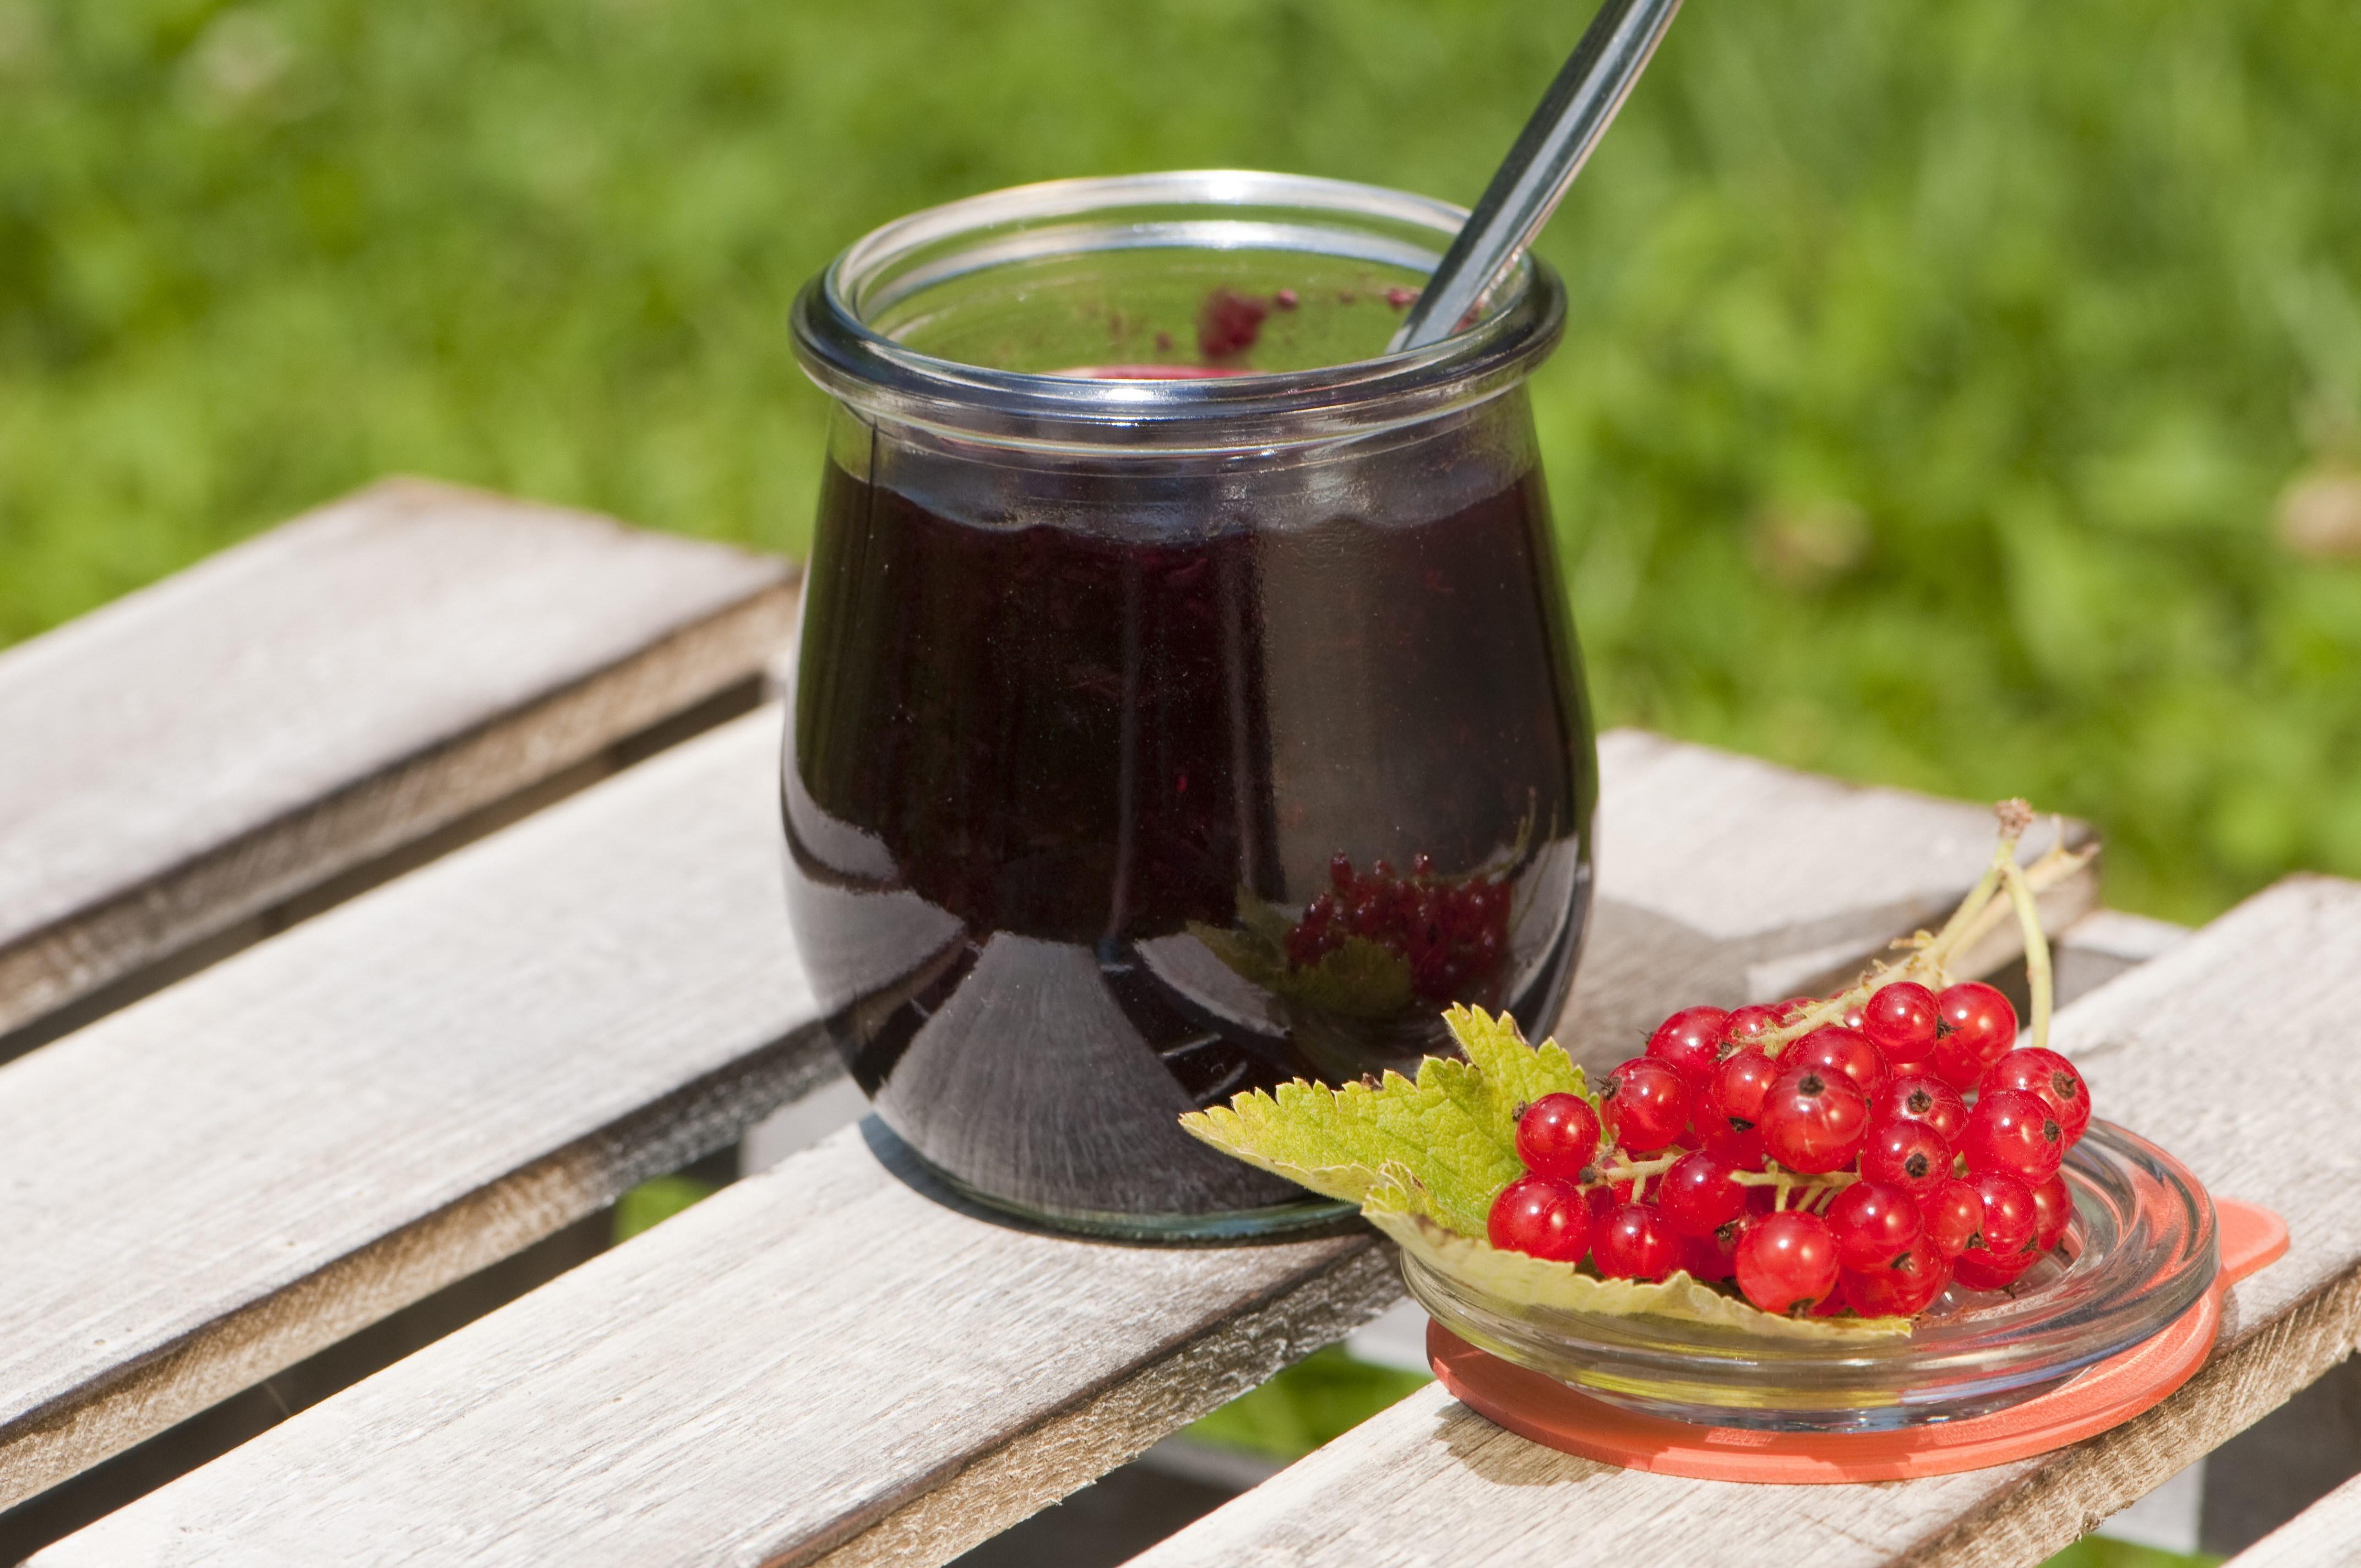 hintergrundbilder lebensmittel frucht getr nk beeren smoothie saft marmelade pflanze. Black Bedroom Furniture Sets. Home Design Ideas